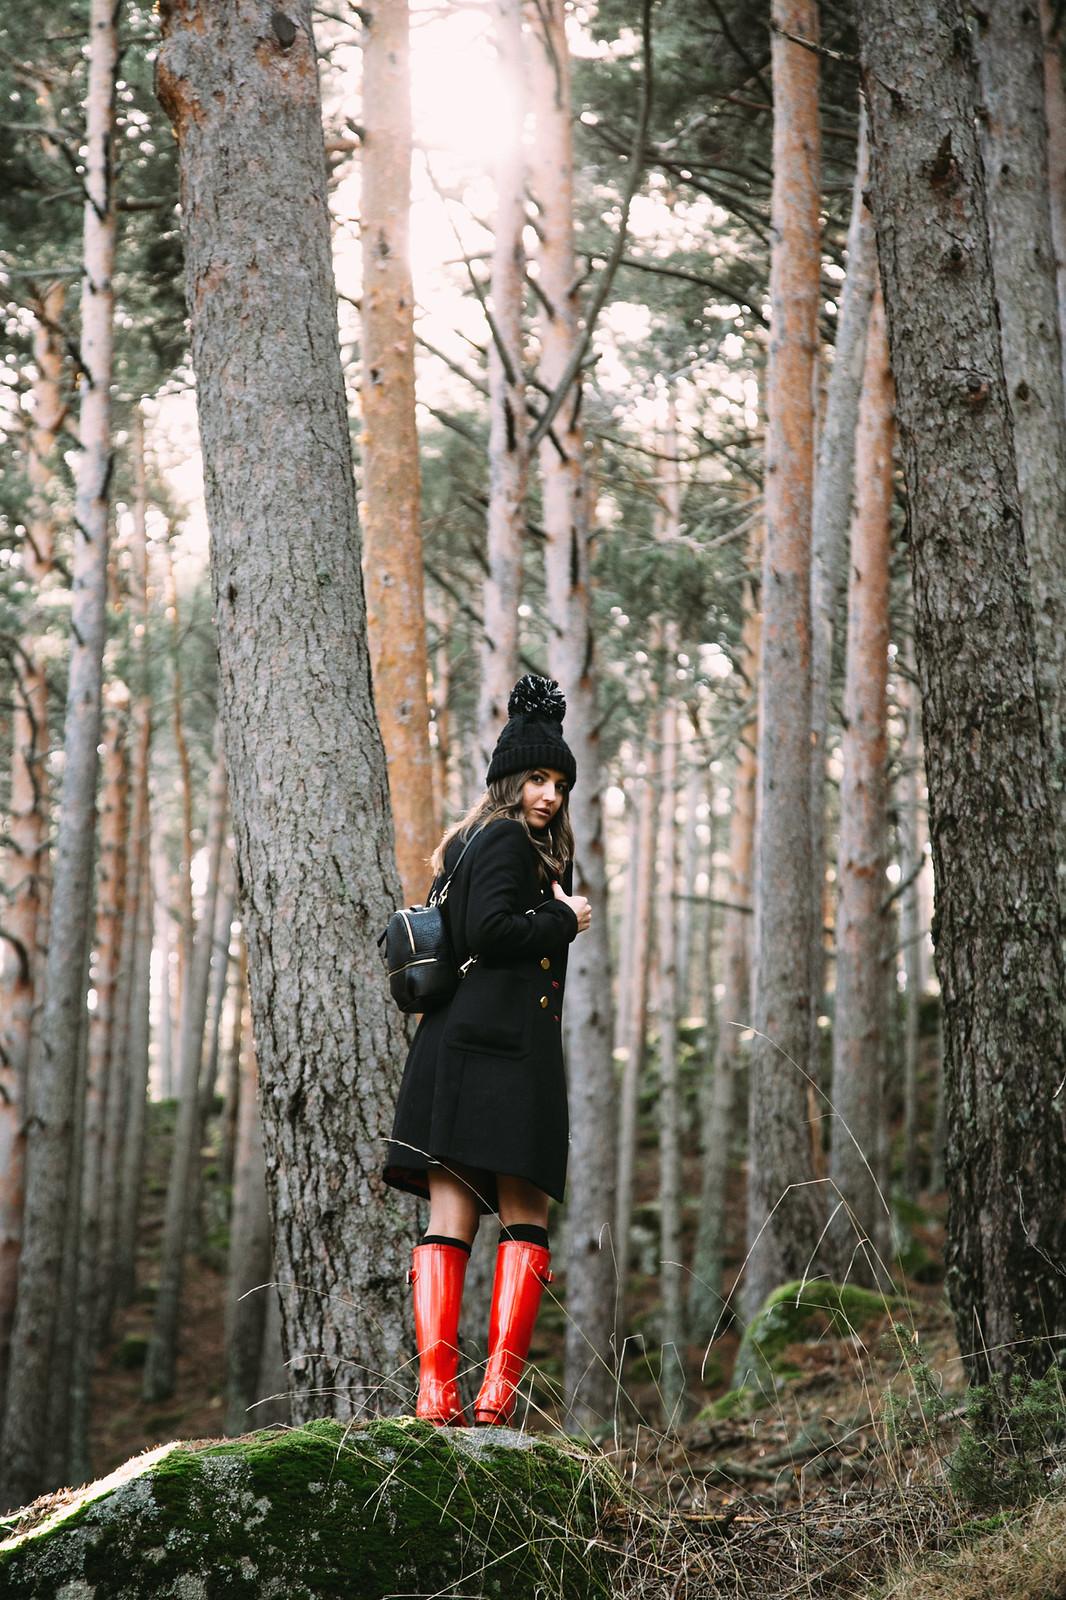 woods-17